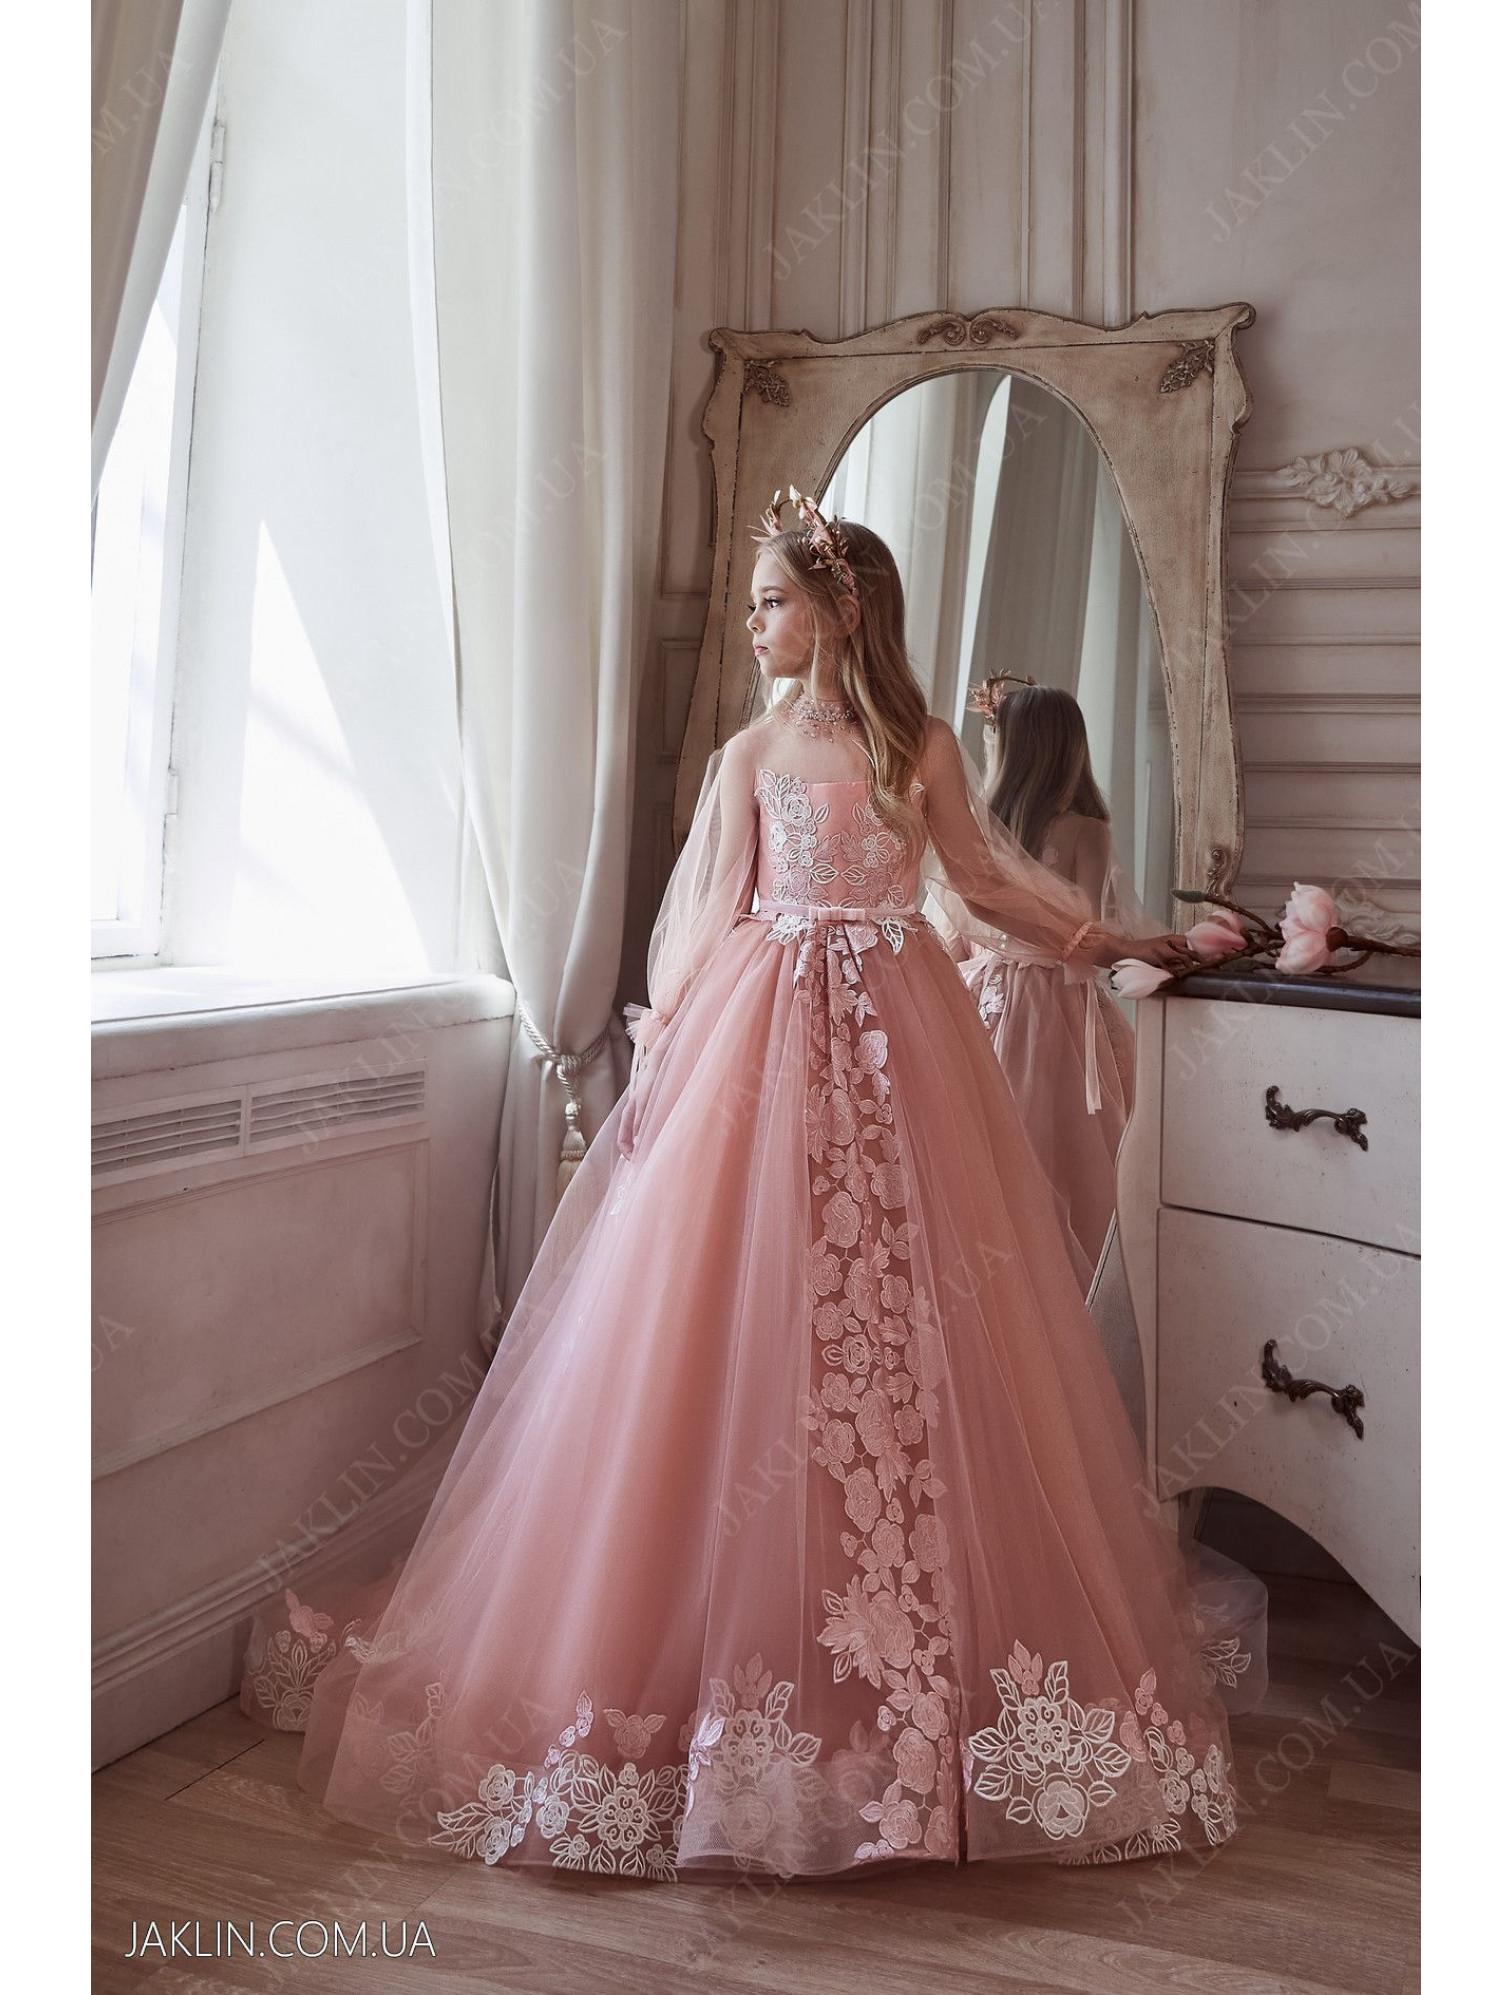 Дитяча сукня 3100